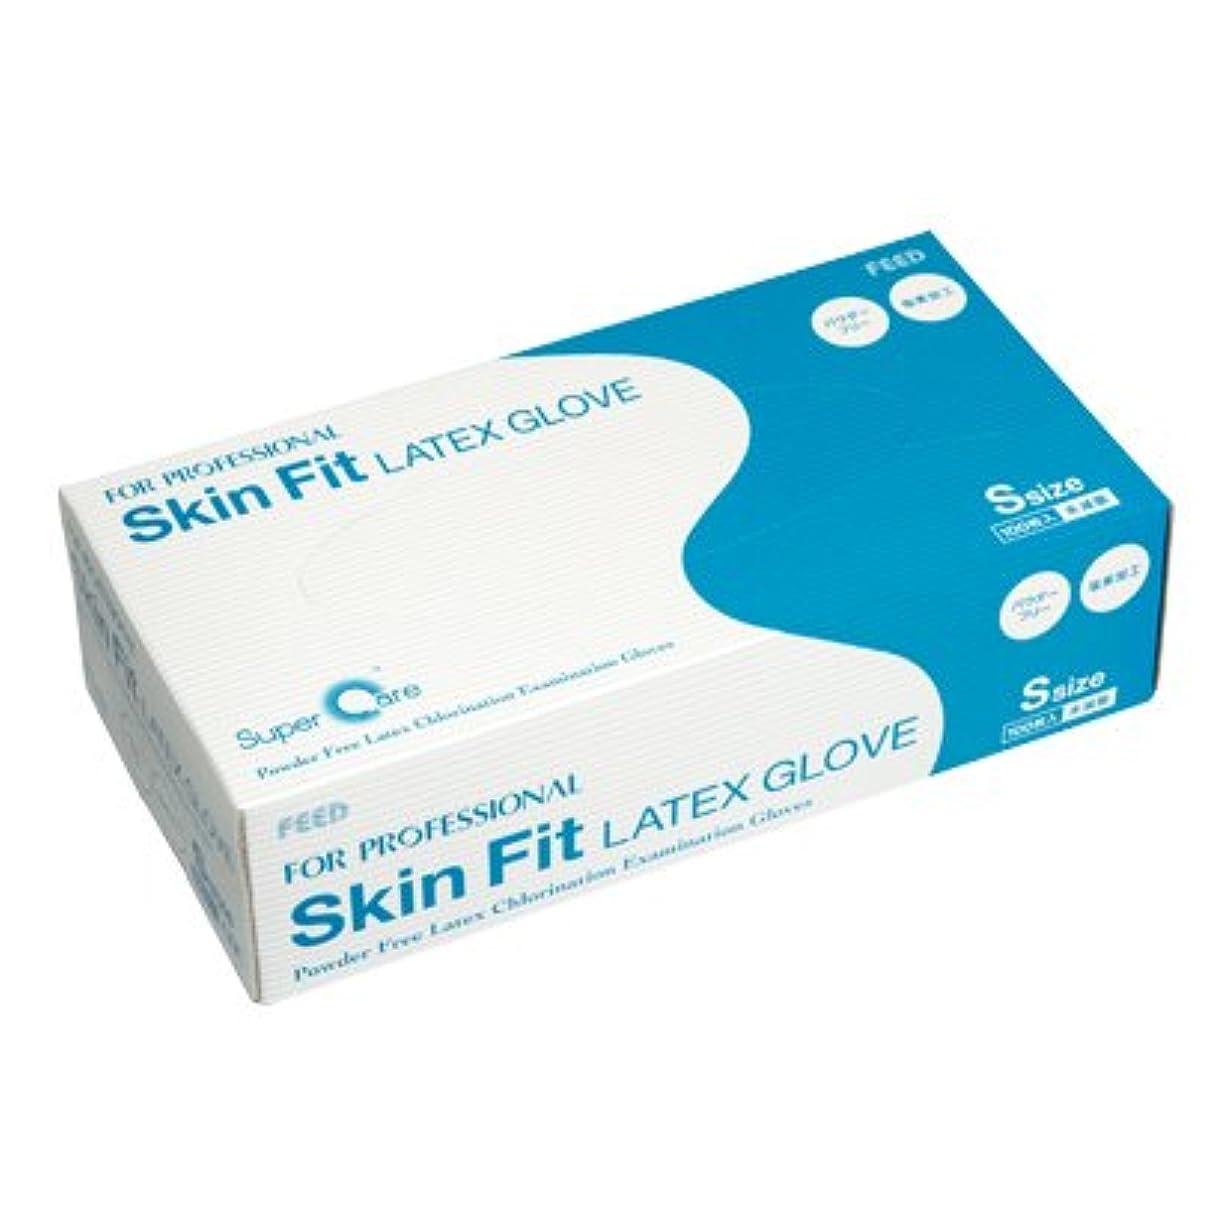 親指ヘクタール理論FEED(フィード) Skin Fit ラテックスグローブ パウダーフリー 塩素加工 S カートン(10ケース) (医療機器)